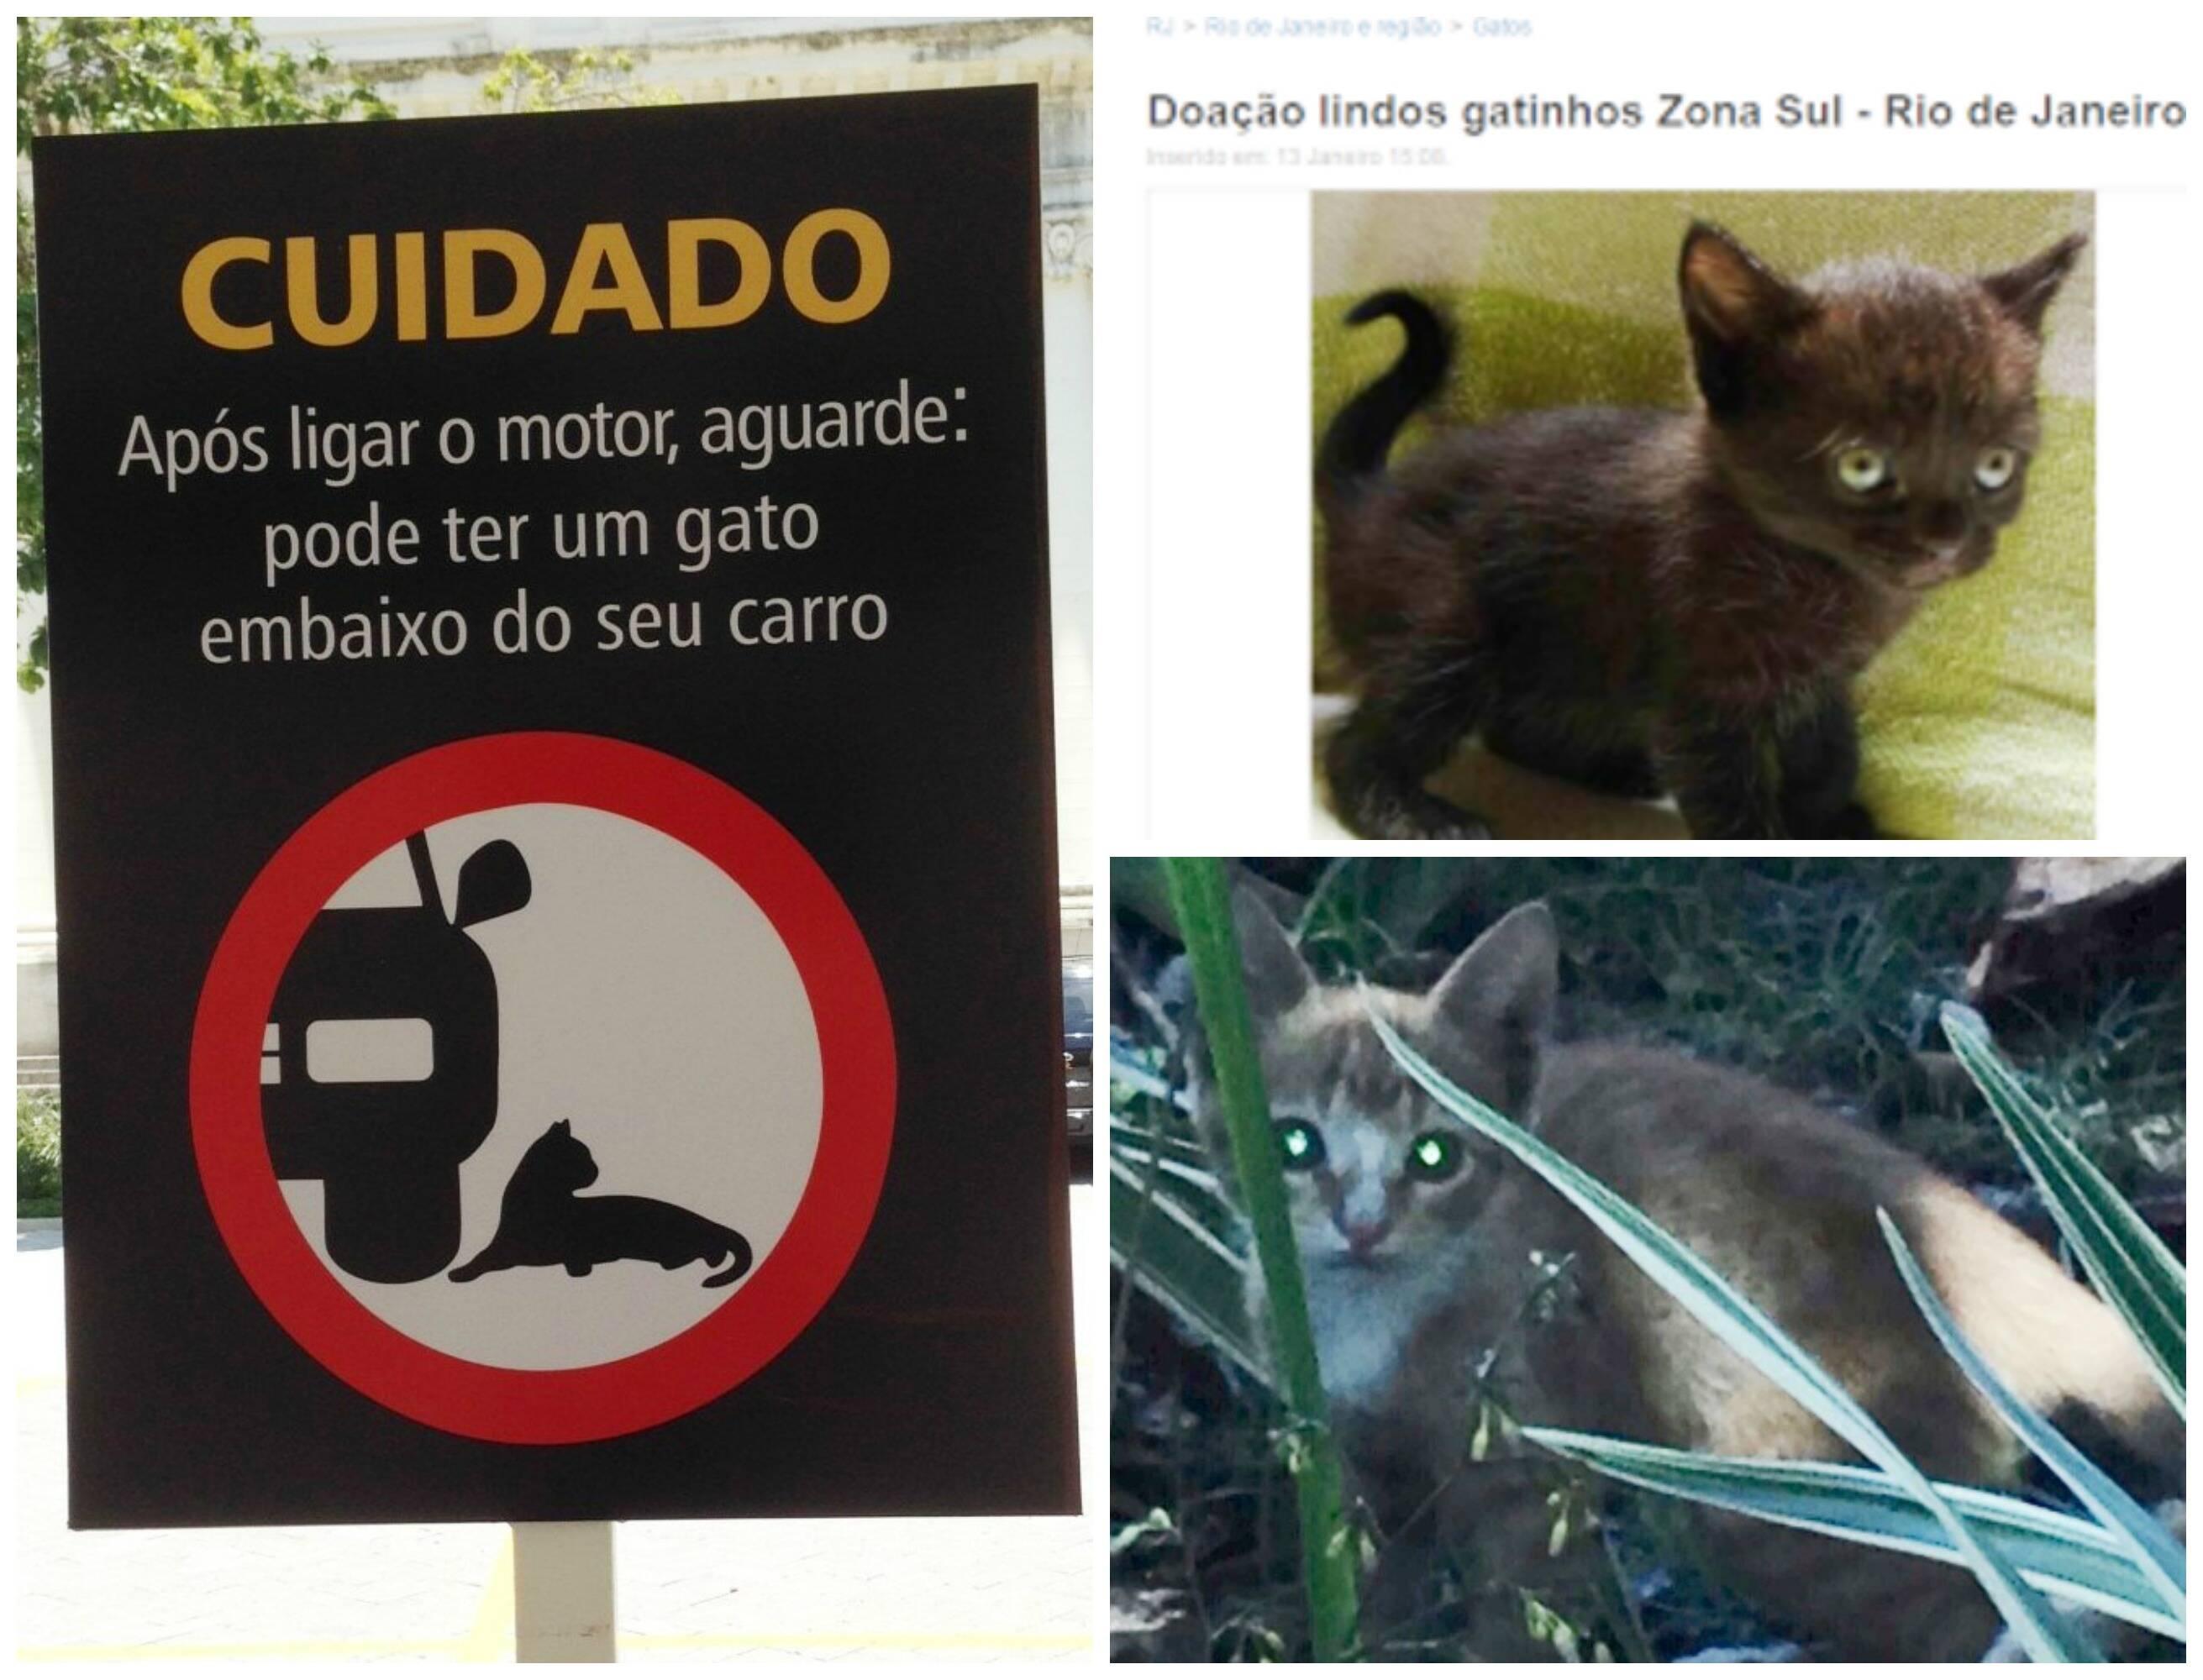 À esquerda, placa no clube visando evitar atropelamentos de gatos: à direita, no alto, anúncio de voluntário oferecendo filhote; abaixo, gatinho abandonado há um mês no clube/ Fotos: divulgação